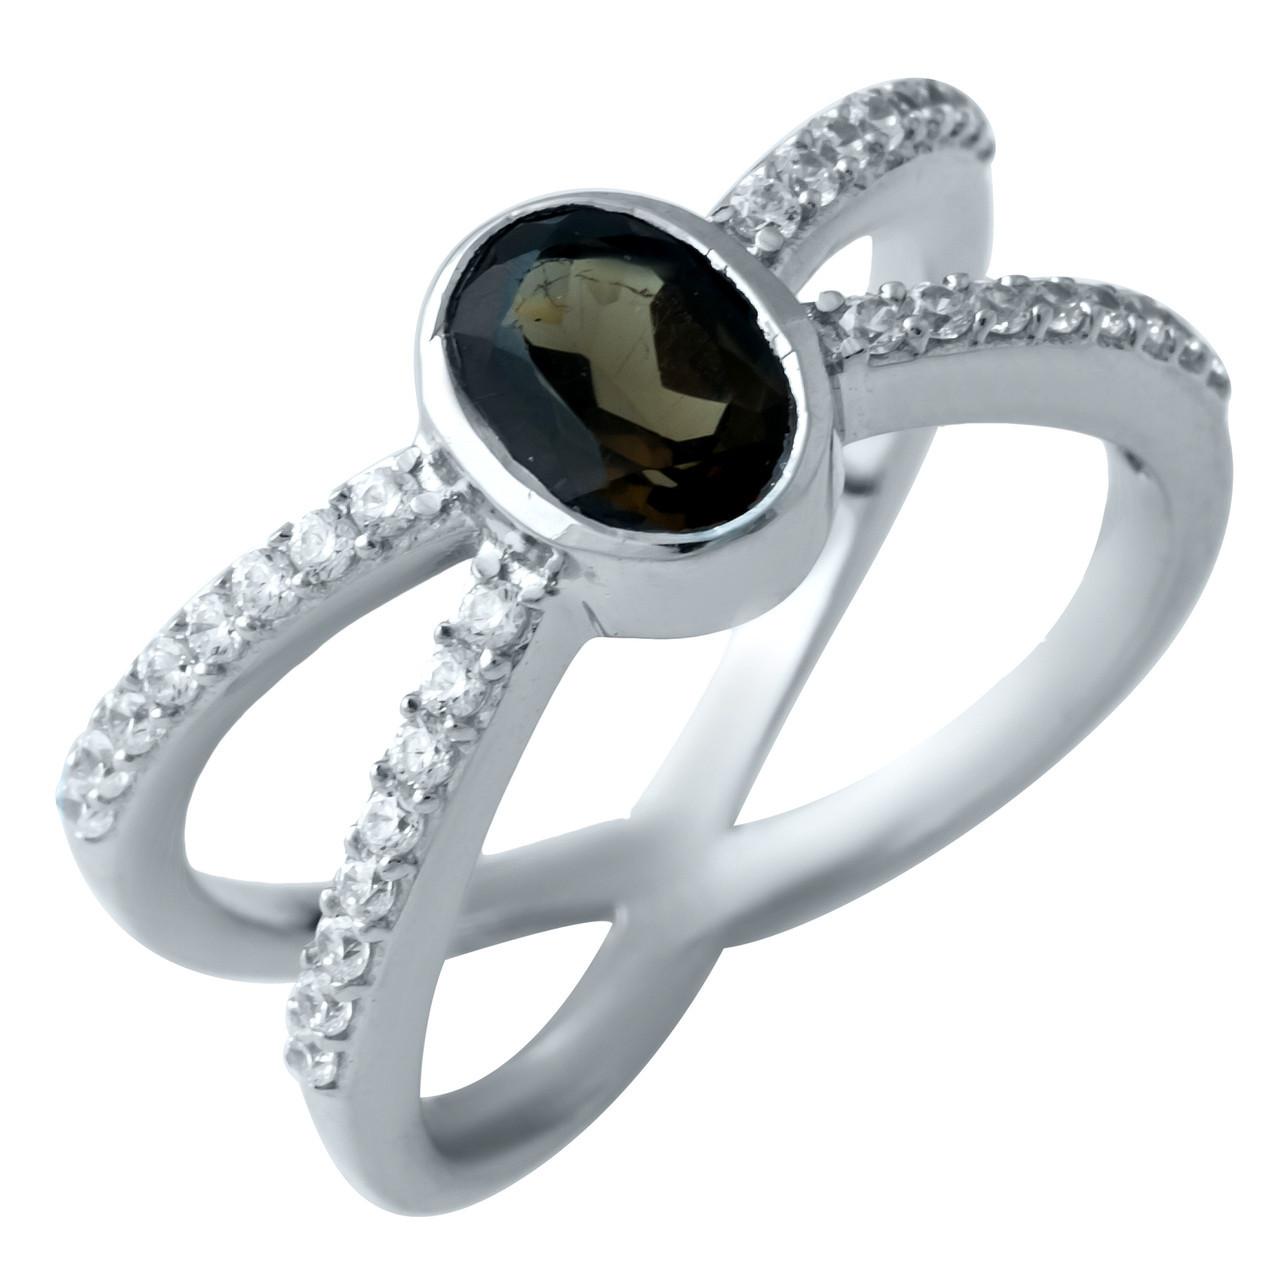 Родированное серебряное кольцо 925 пробы с натуральным раухтопазом (димчатим кварцем)